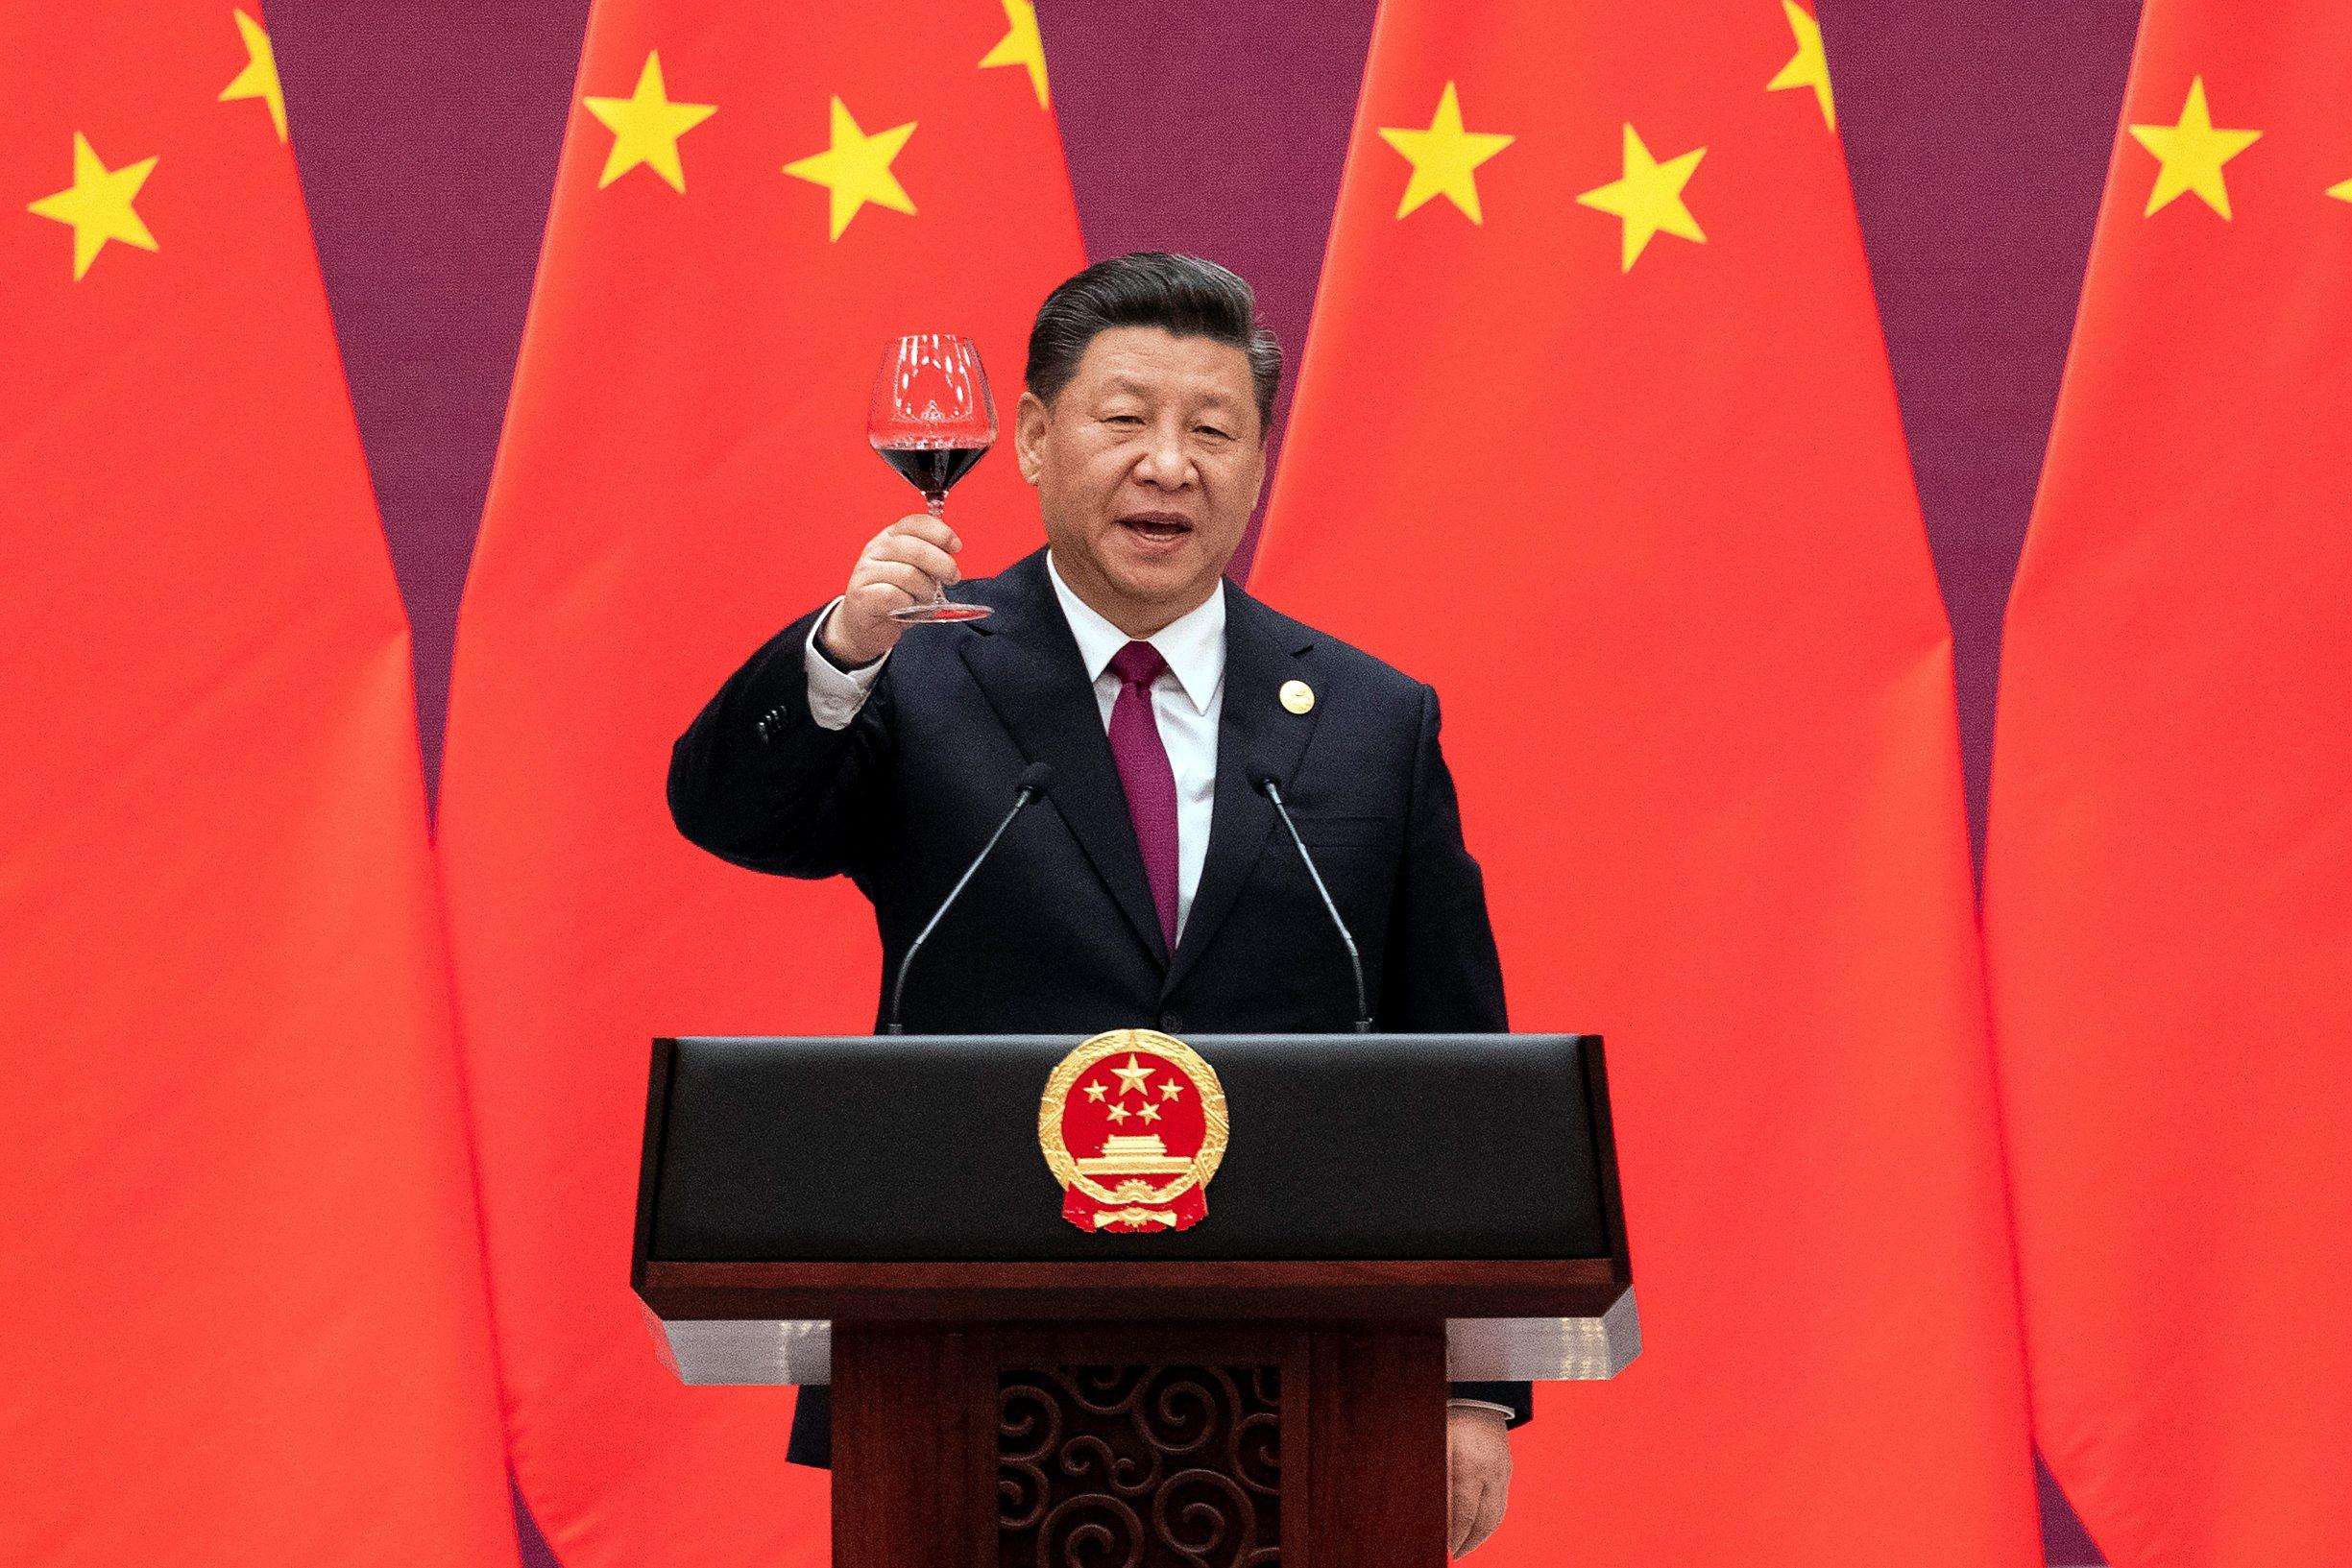 Kineski predsjednik Xi Jinping poziva na zdravicu nakon svog govora na Forumu Pojas i Put u Pekingu.